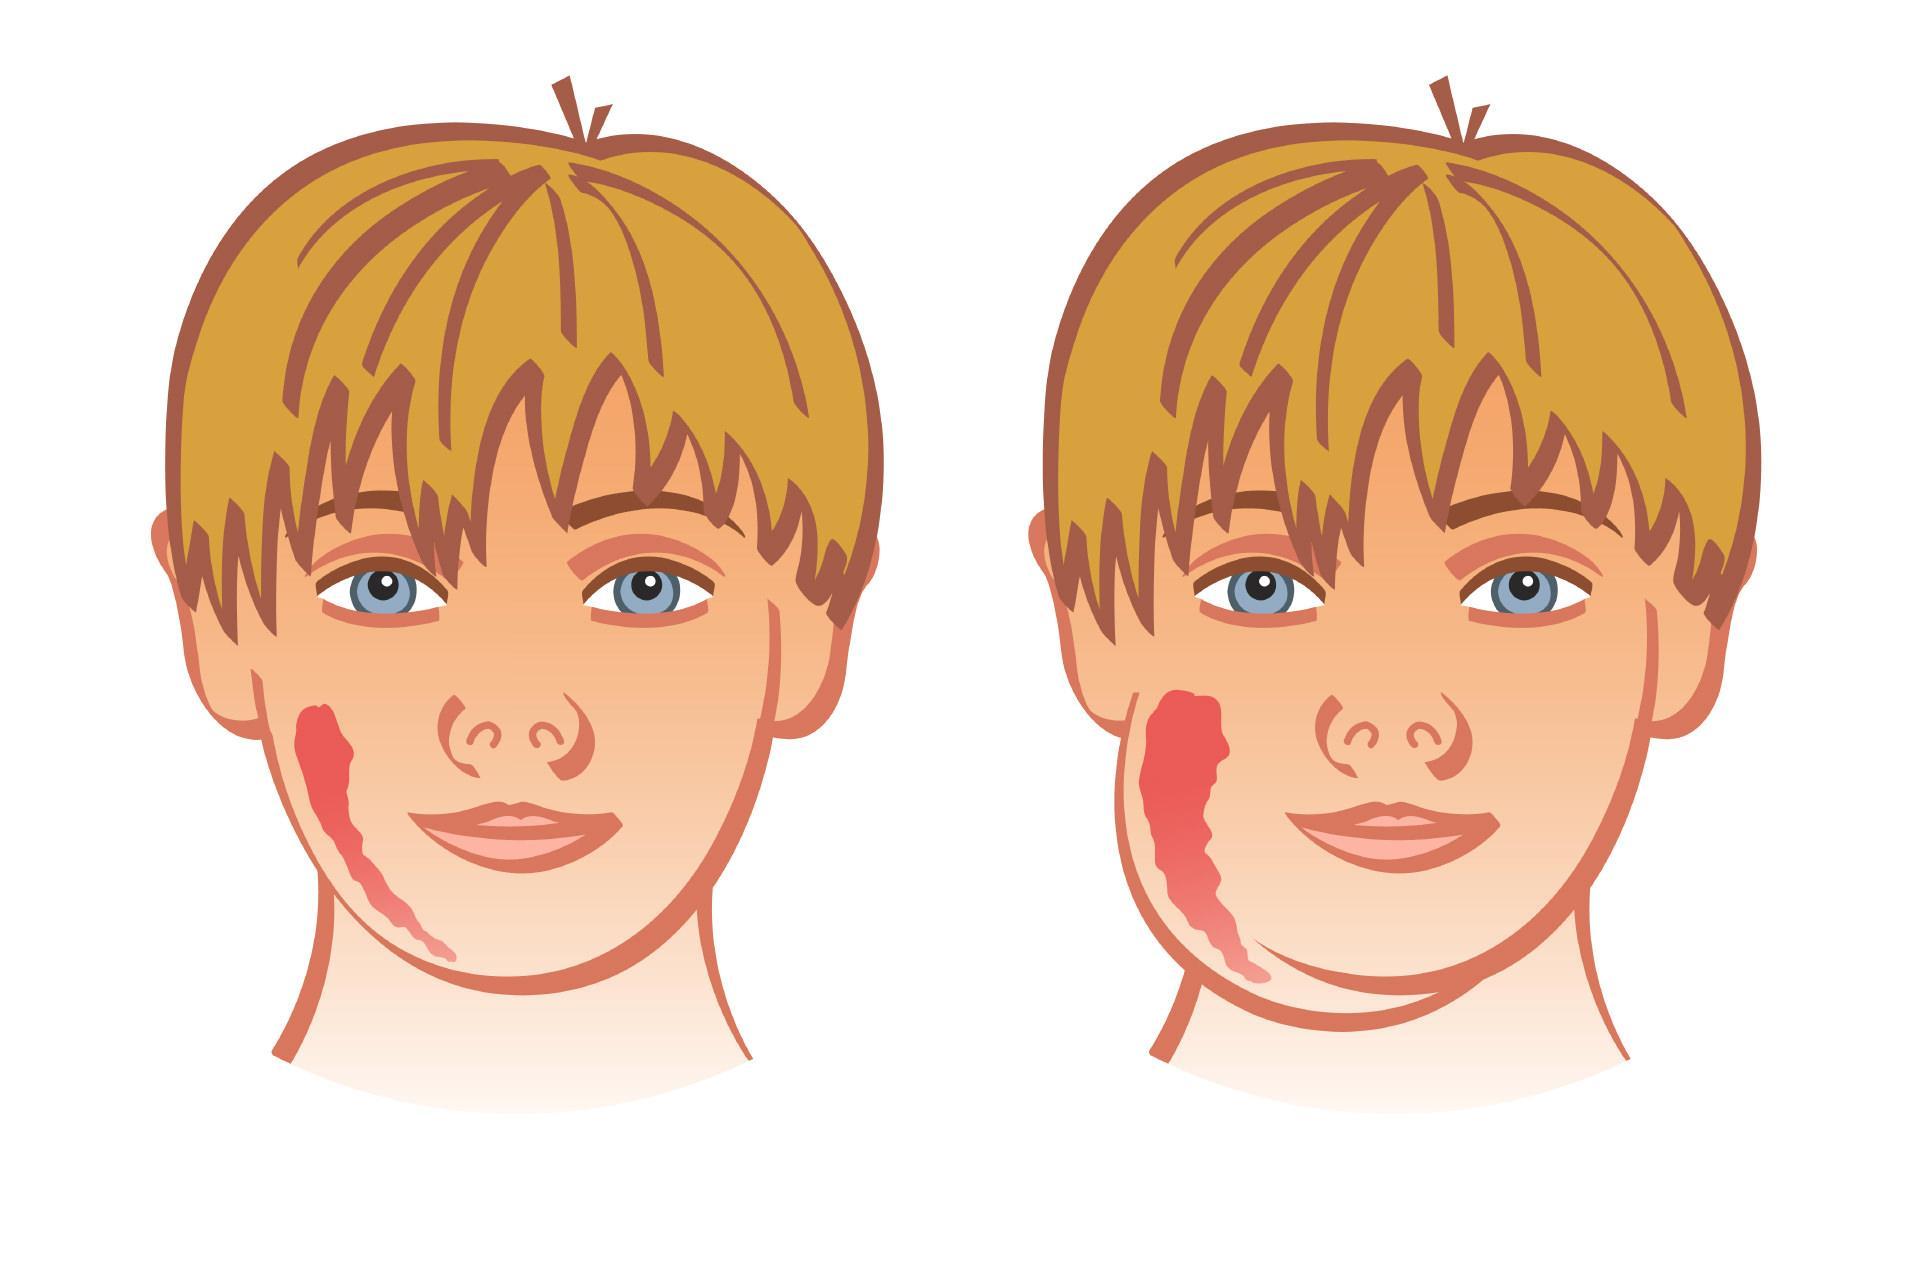 Свинка (паротит) у мальчиков: последствия, симптомы и лечение, чем опасна болезнь, может ли мальчик иметь детей после заболевания